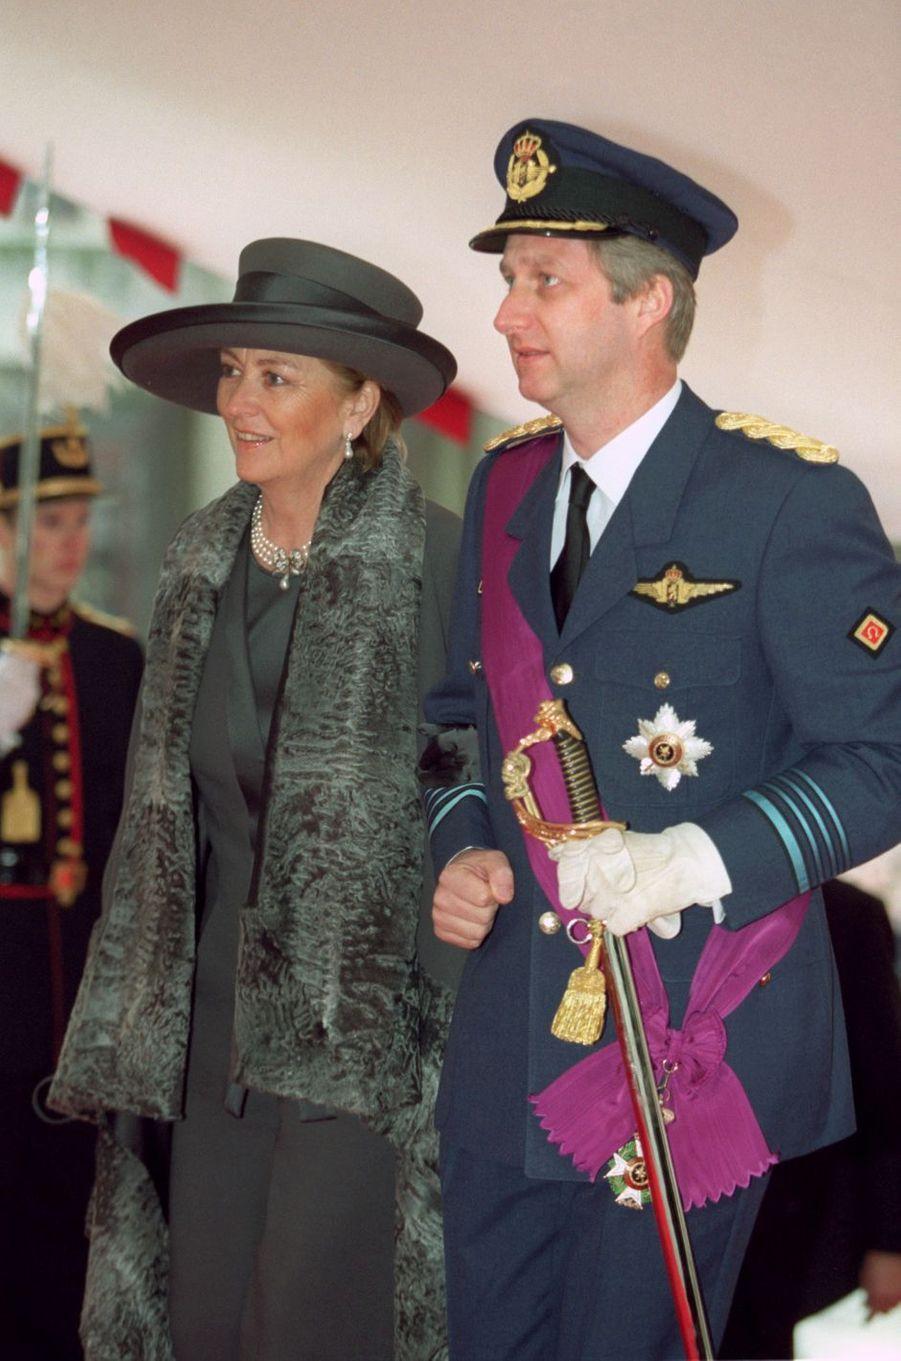 Le prince Philippe de Belgique et sa mère la reine des Belges Paola, à Bruxelles le 4 décembre 1999